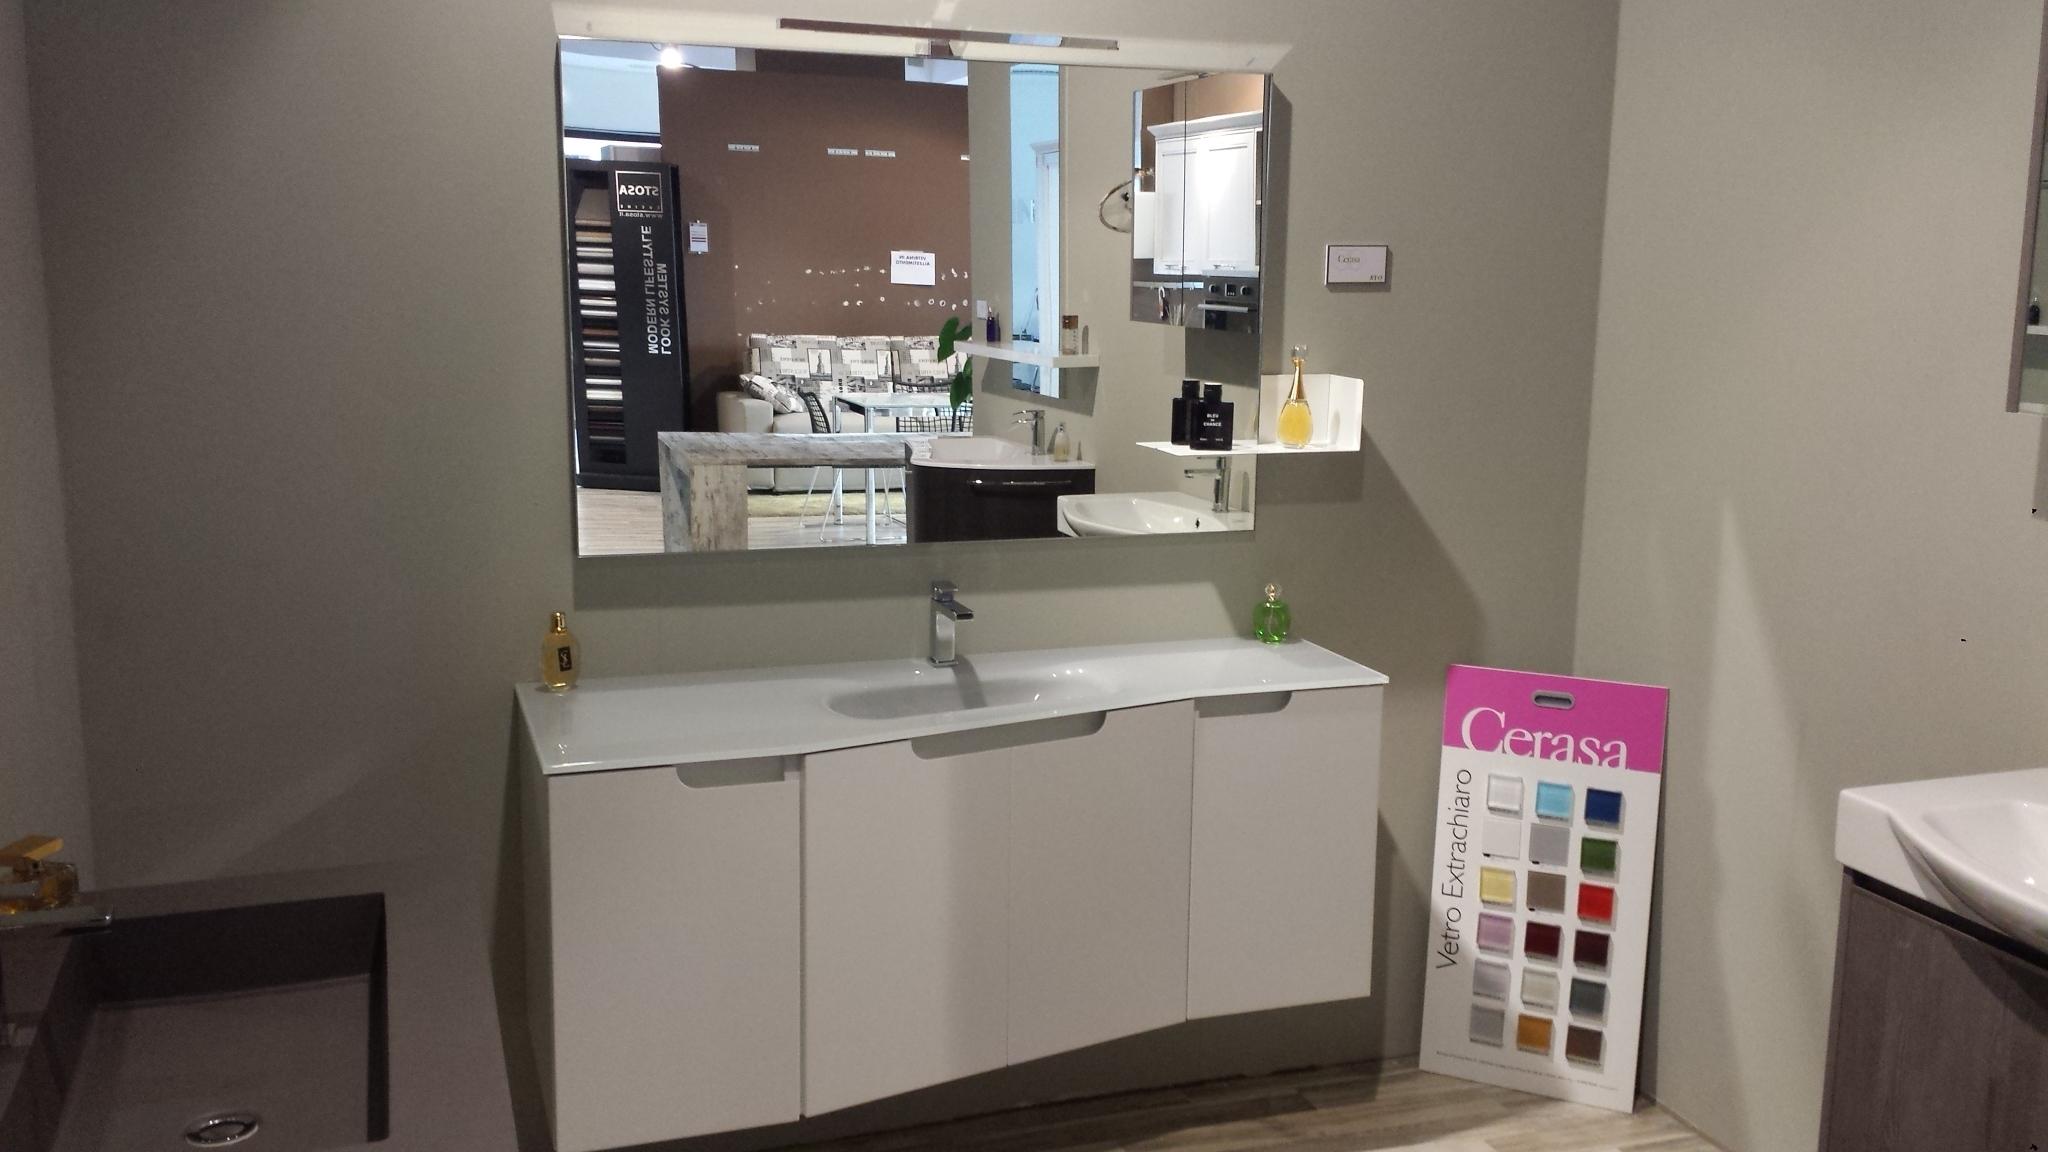 ryo in offerta arredo bagno cerasa ryo visibile in showroom